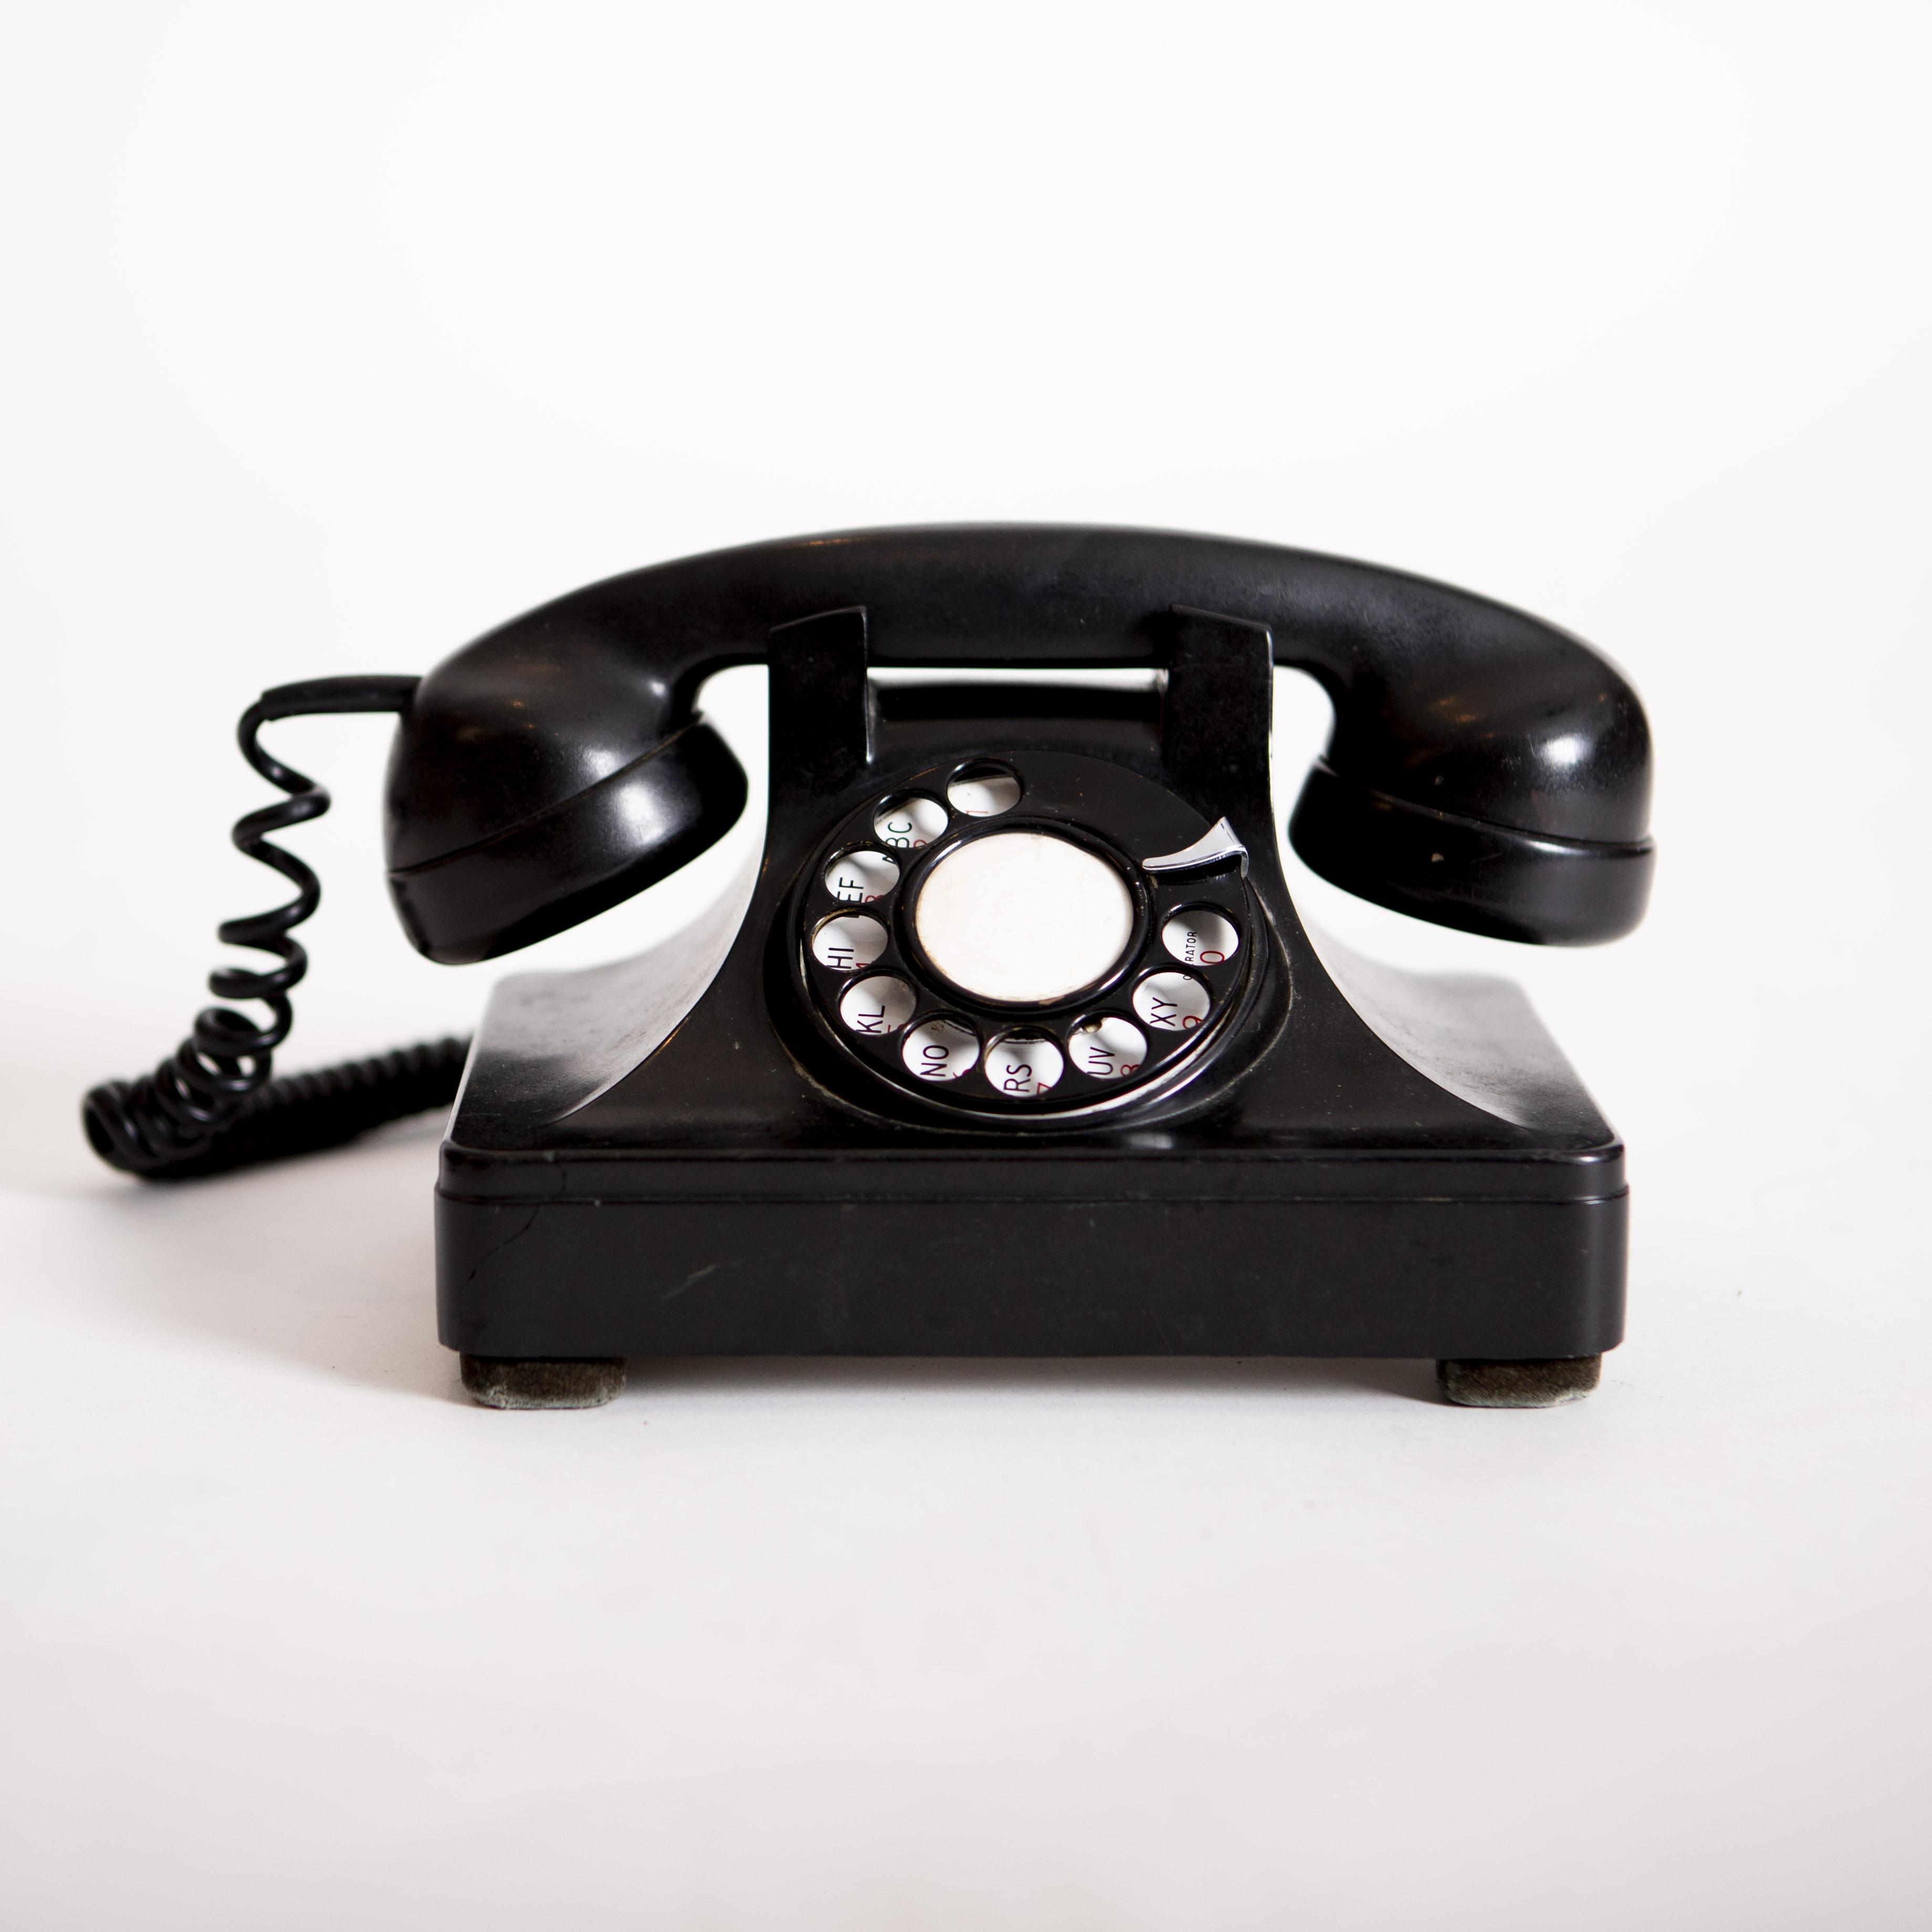 Black Vintage Rotary Phone Prop